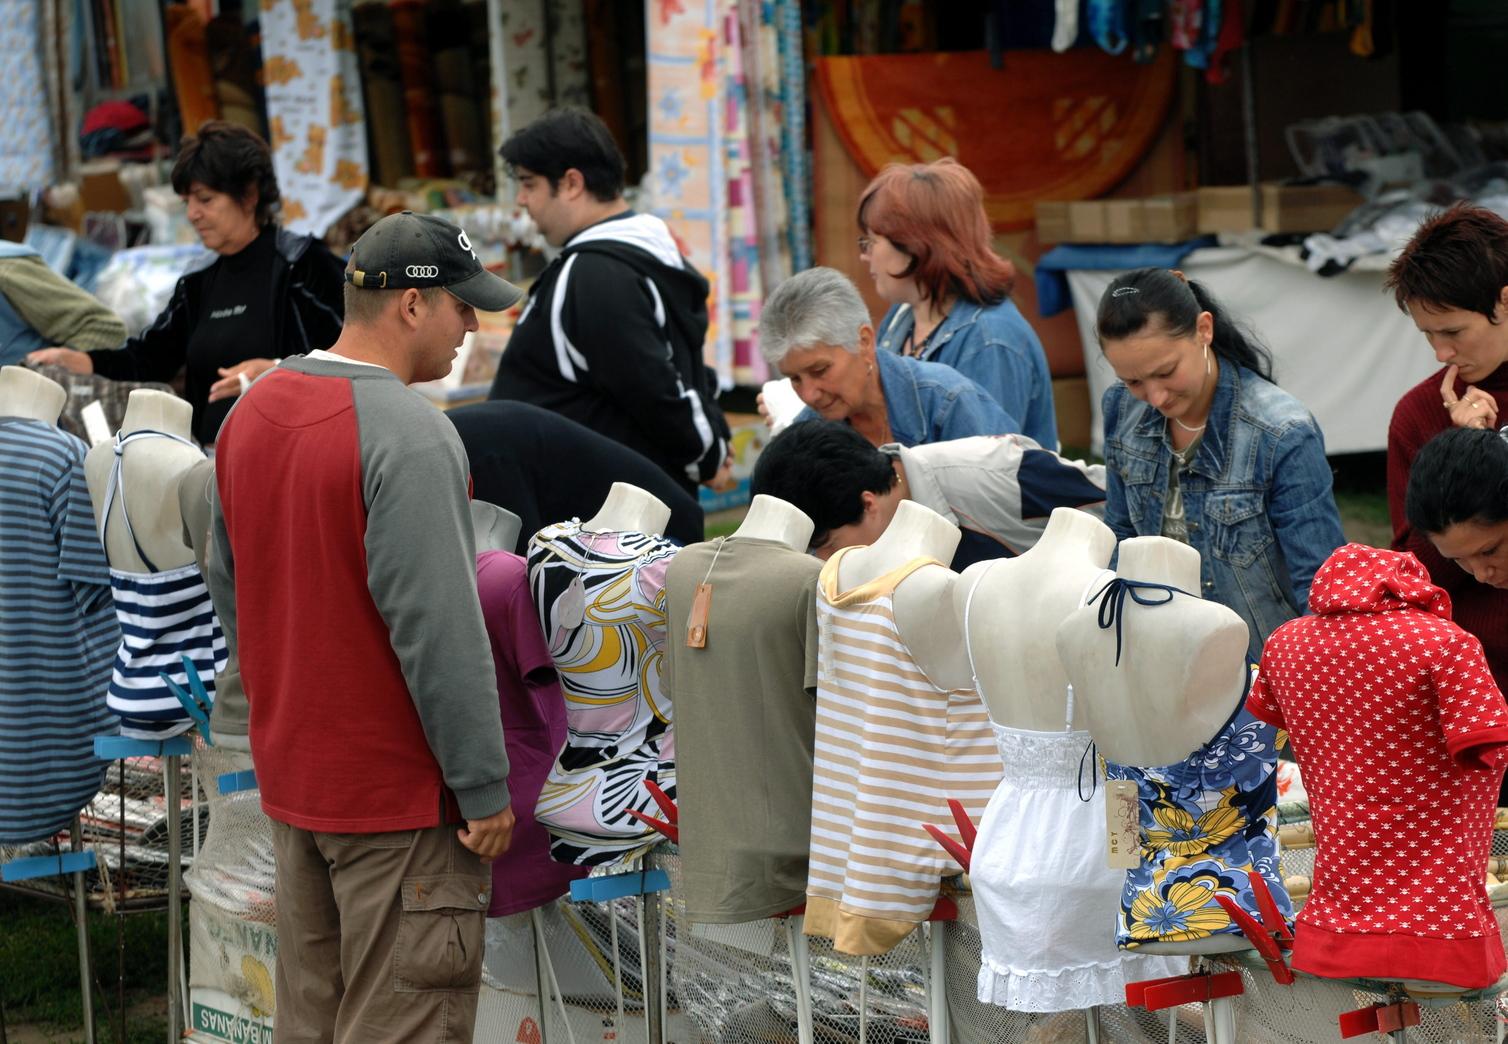 Vásárnapot tartottak Sülysápon, ahol több mint félszáz kereskedő kínálta különféle portékáit. MTI Fotó: H. Szabó Sándor